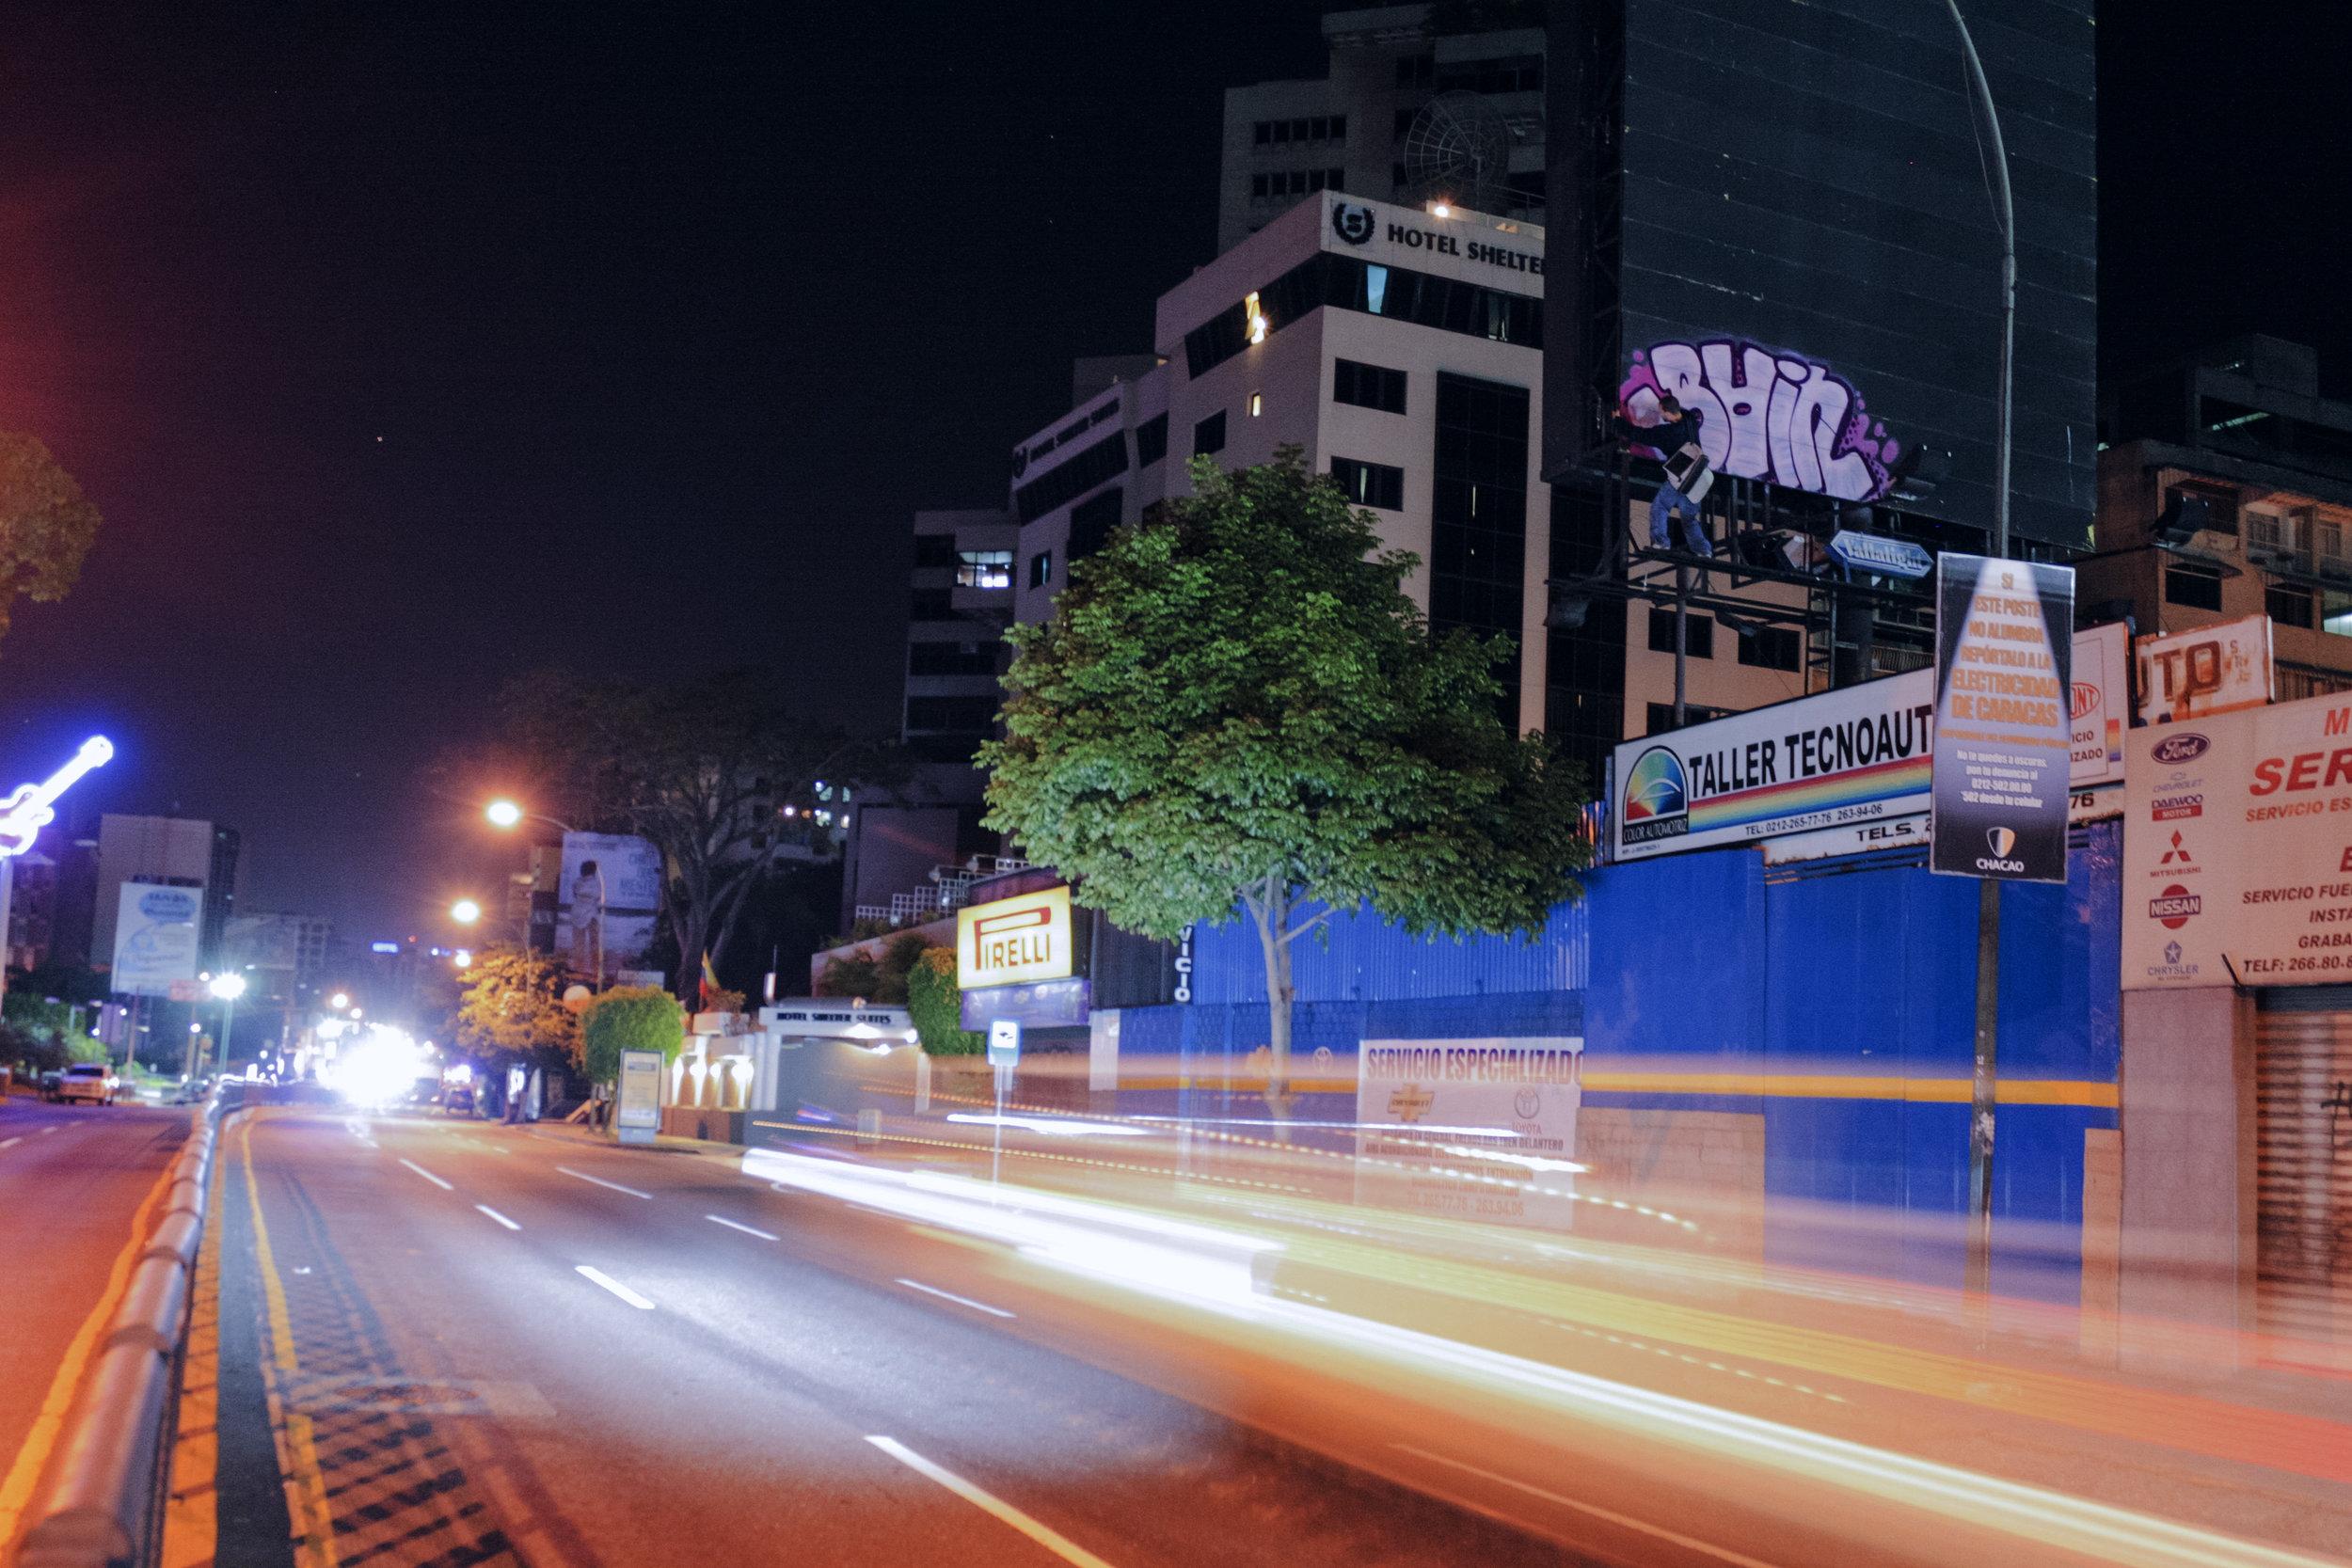 Loureiro_Caracas by Night_20.jpg